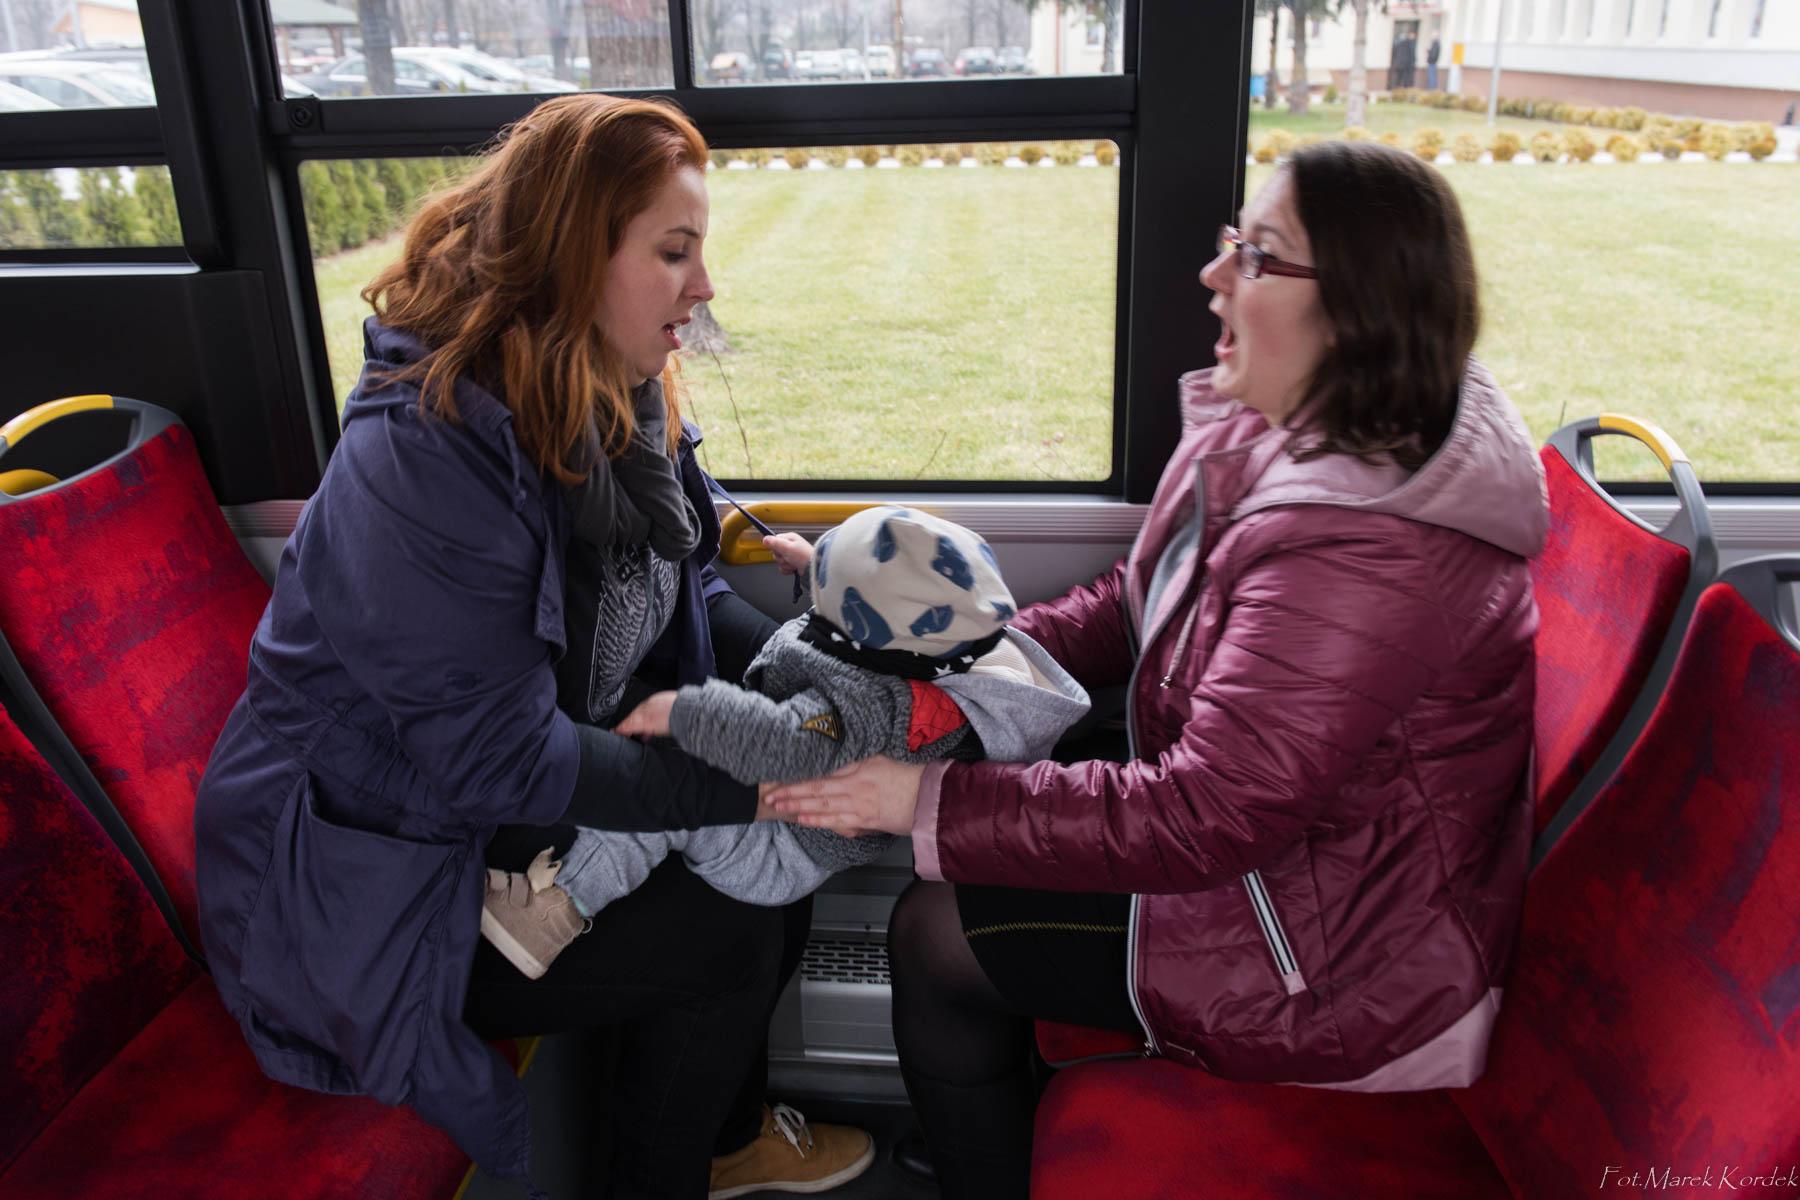 Jak bezpiecznie przewozić dziecko w komunikacji miejskiej dziecko jadące na kolanach